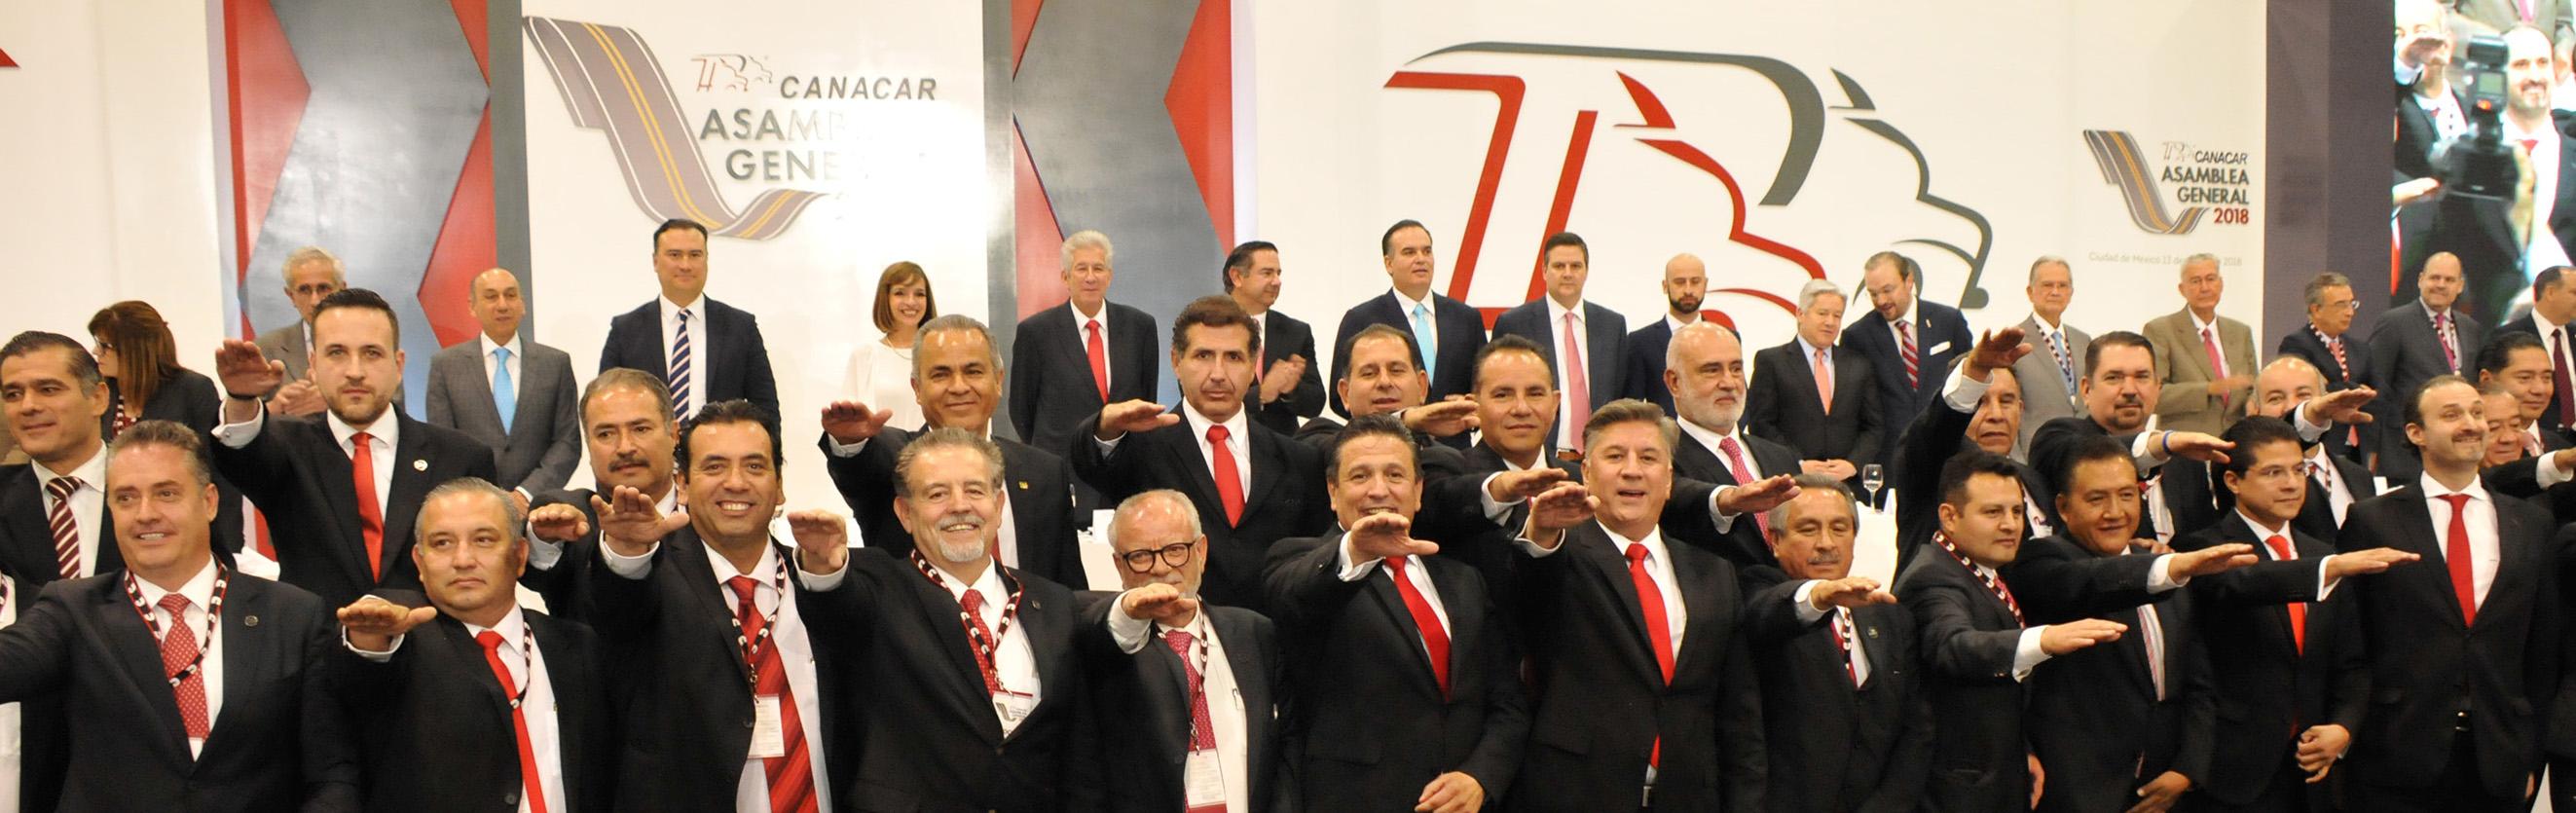 La CANACAR tiene nuevo presidente, Enrique Armando González Muñoz